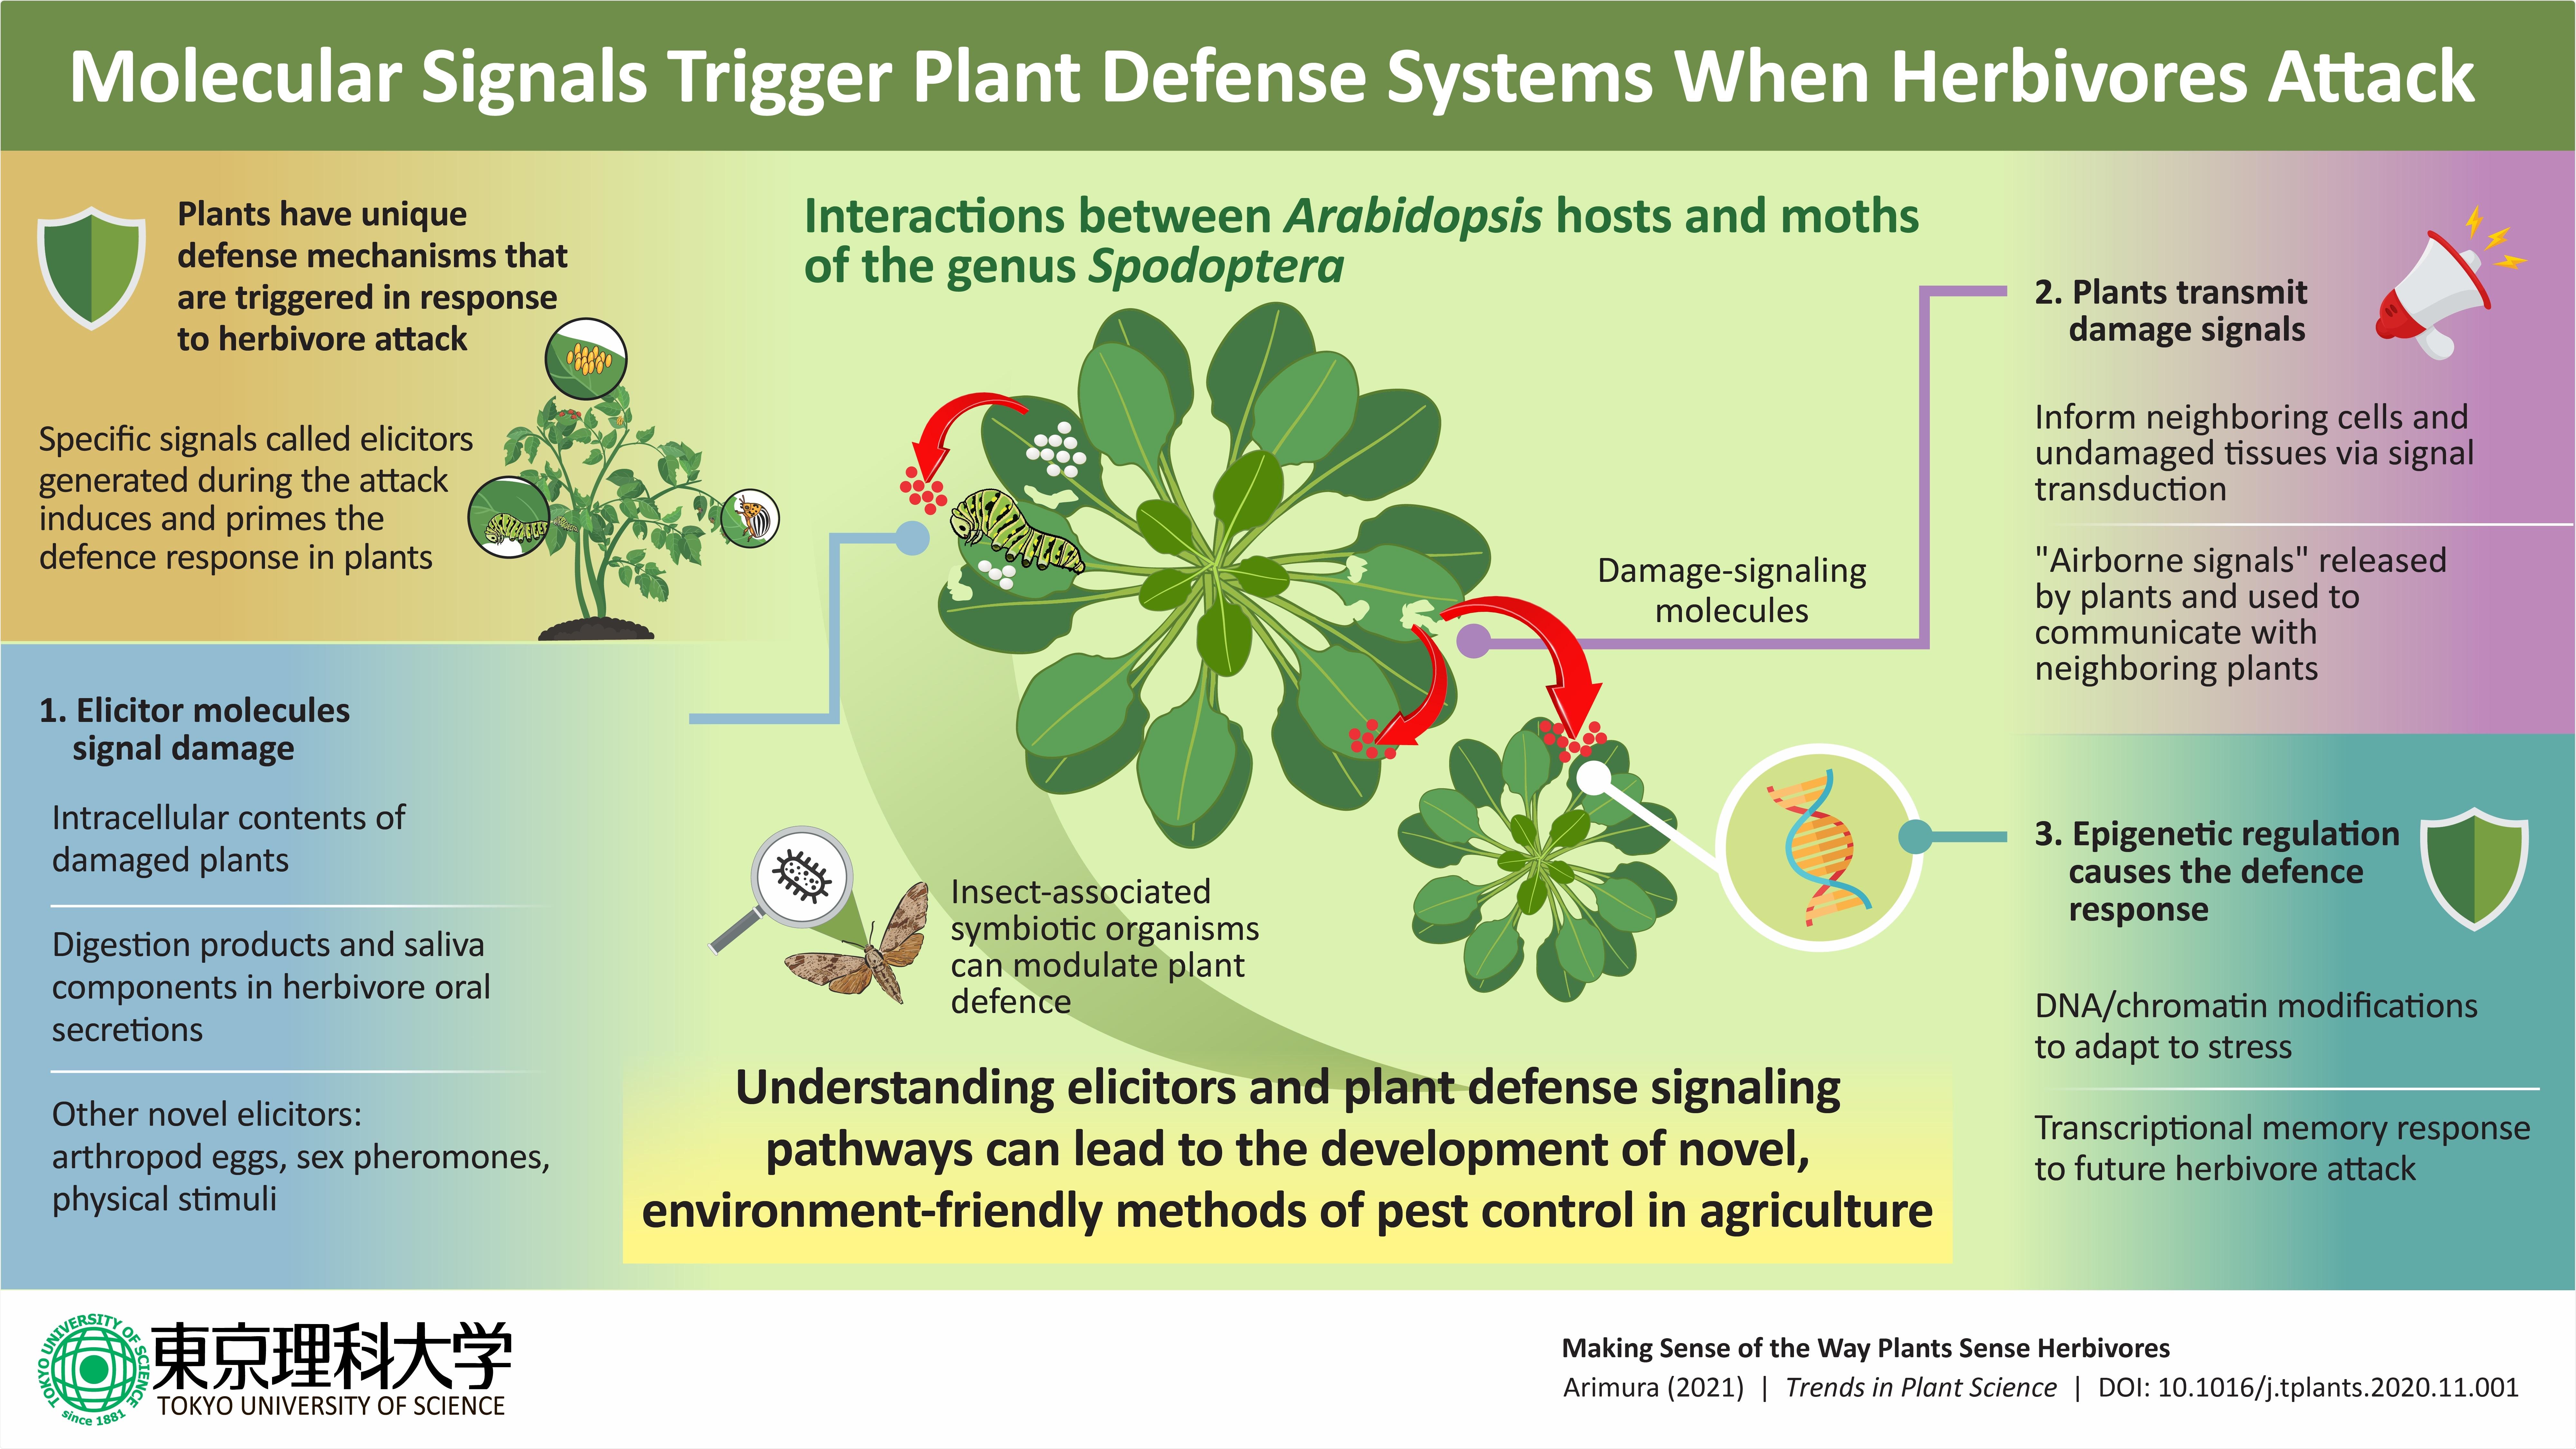 Understanding the herbivory-sensing mechanism of plants through elicitors